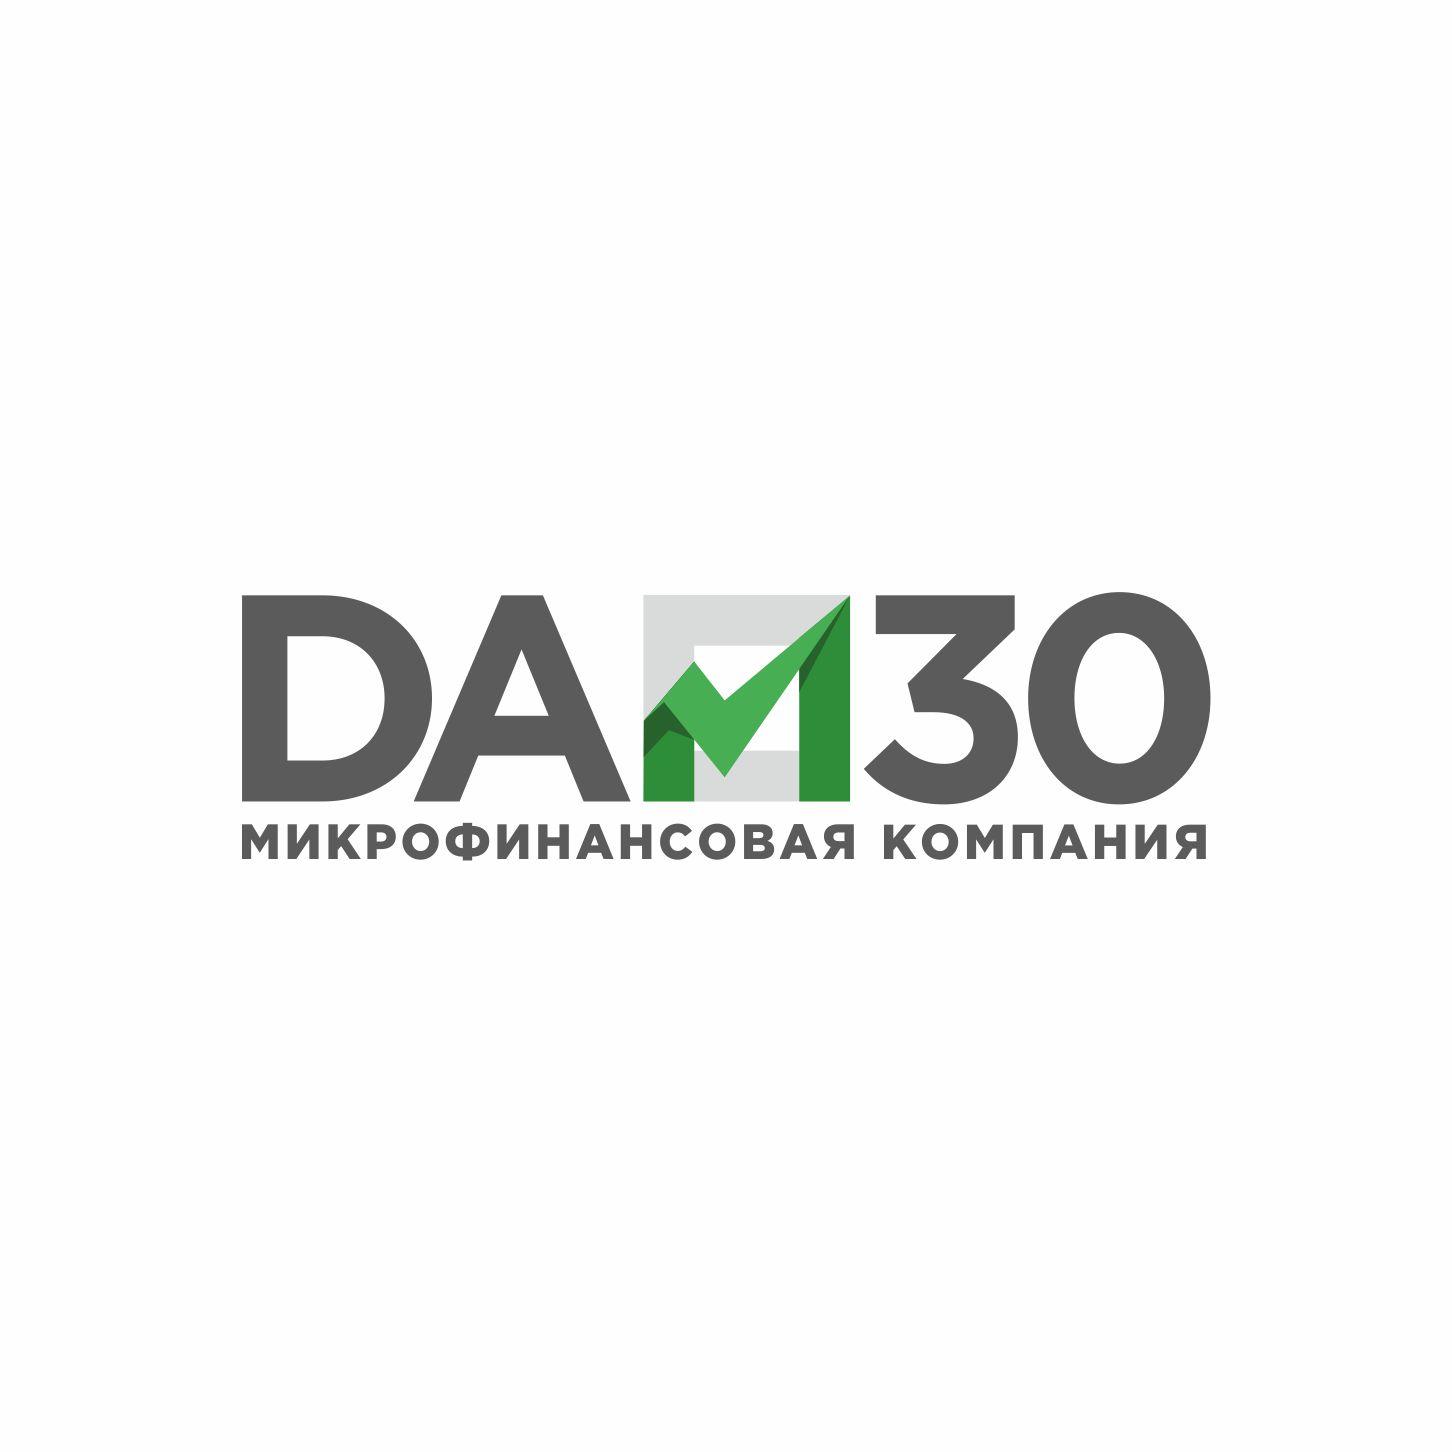 Логотип для микрокредитной, микрофинансовой компании фото f_8695a28d6fd163ba.jpg